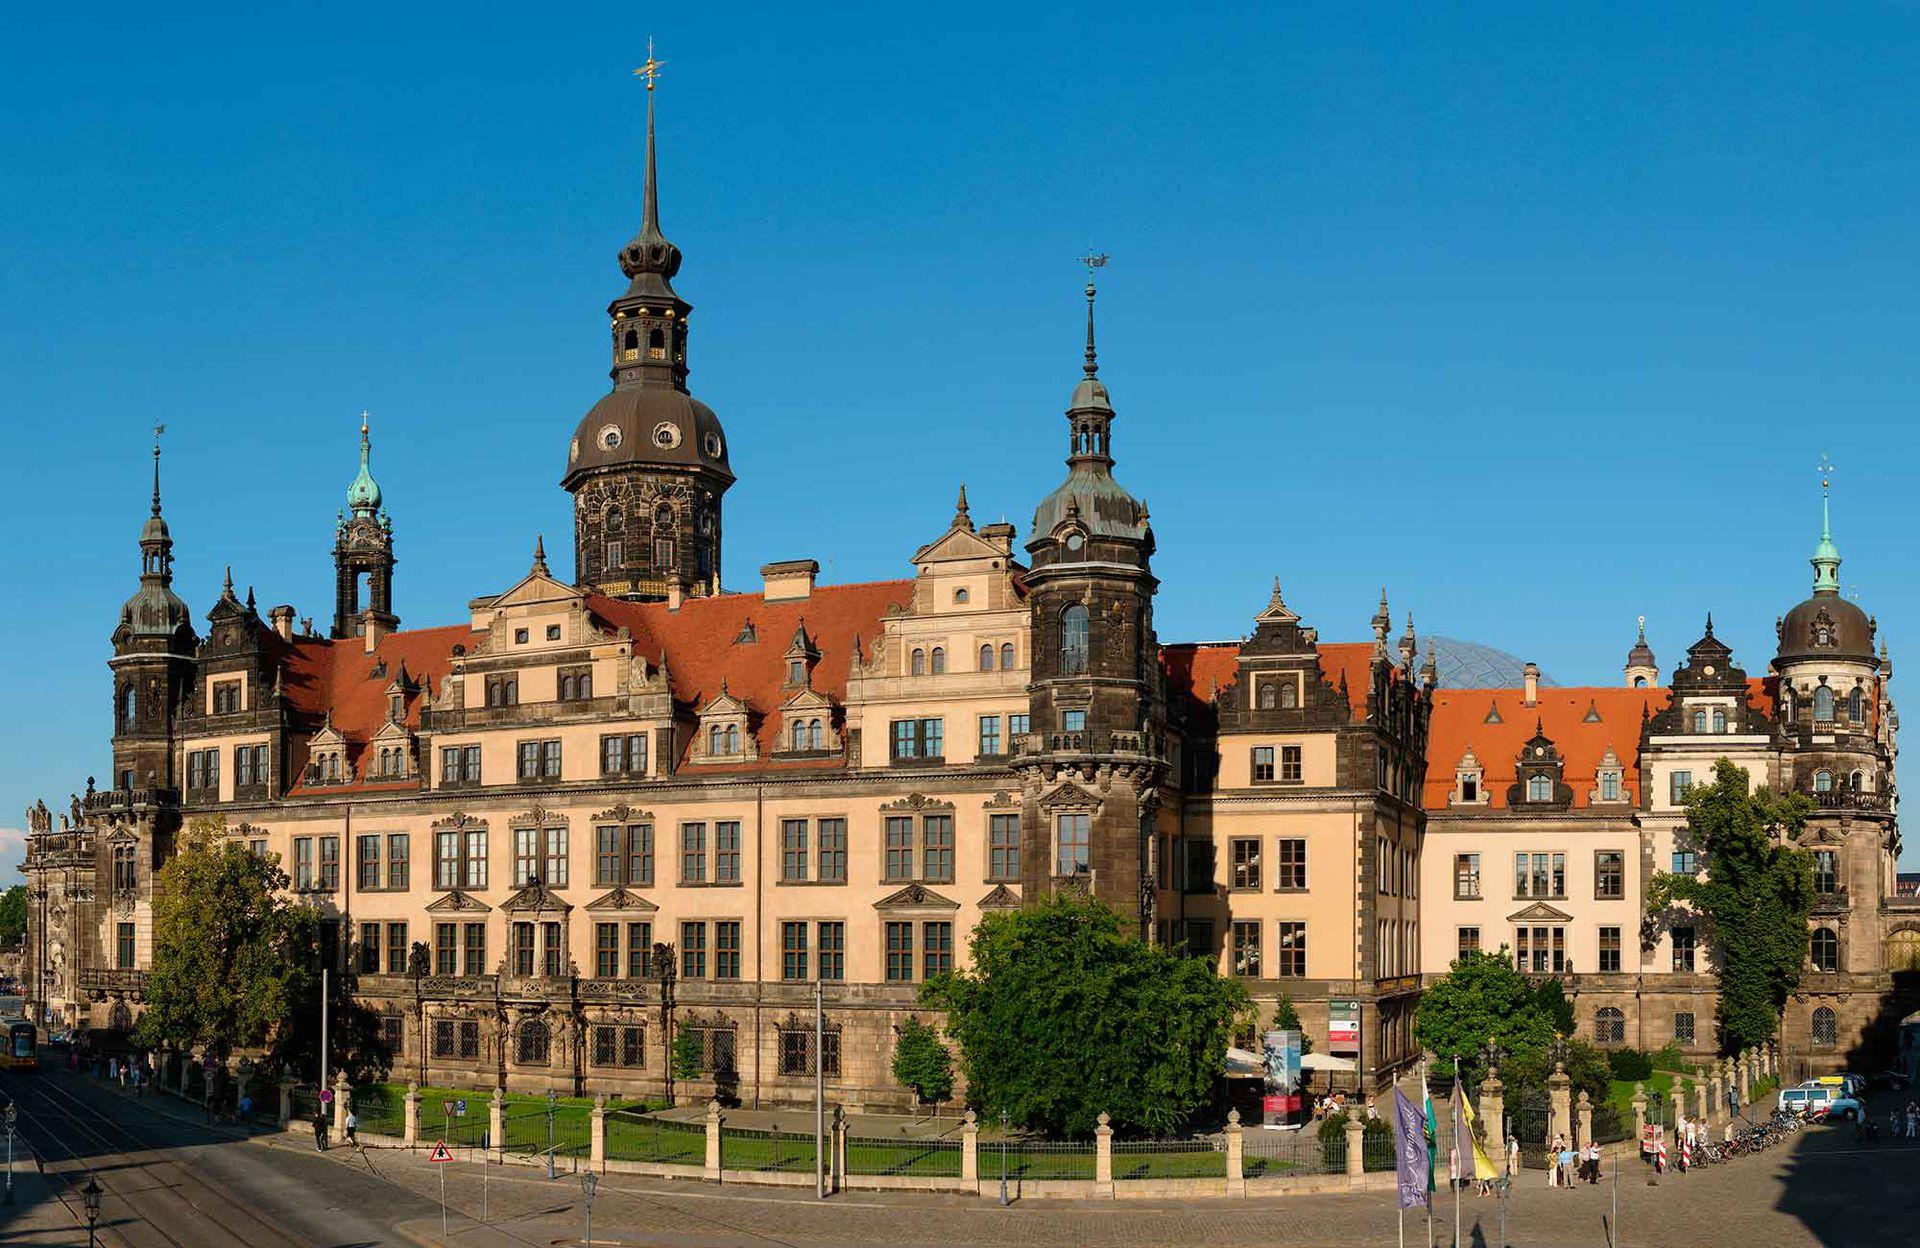 Residenzschloss, el Palacio real de la ciudad.